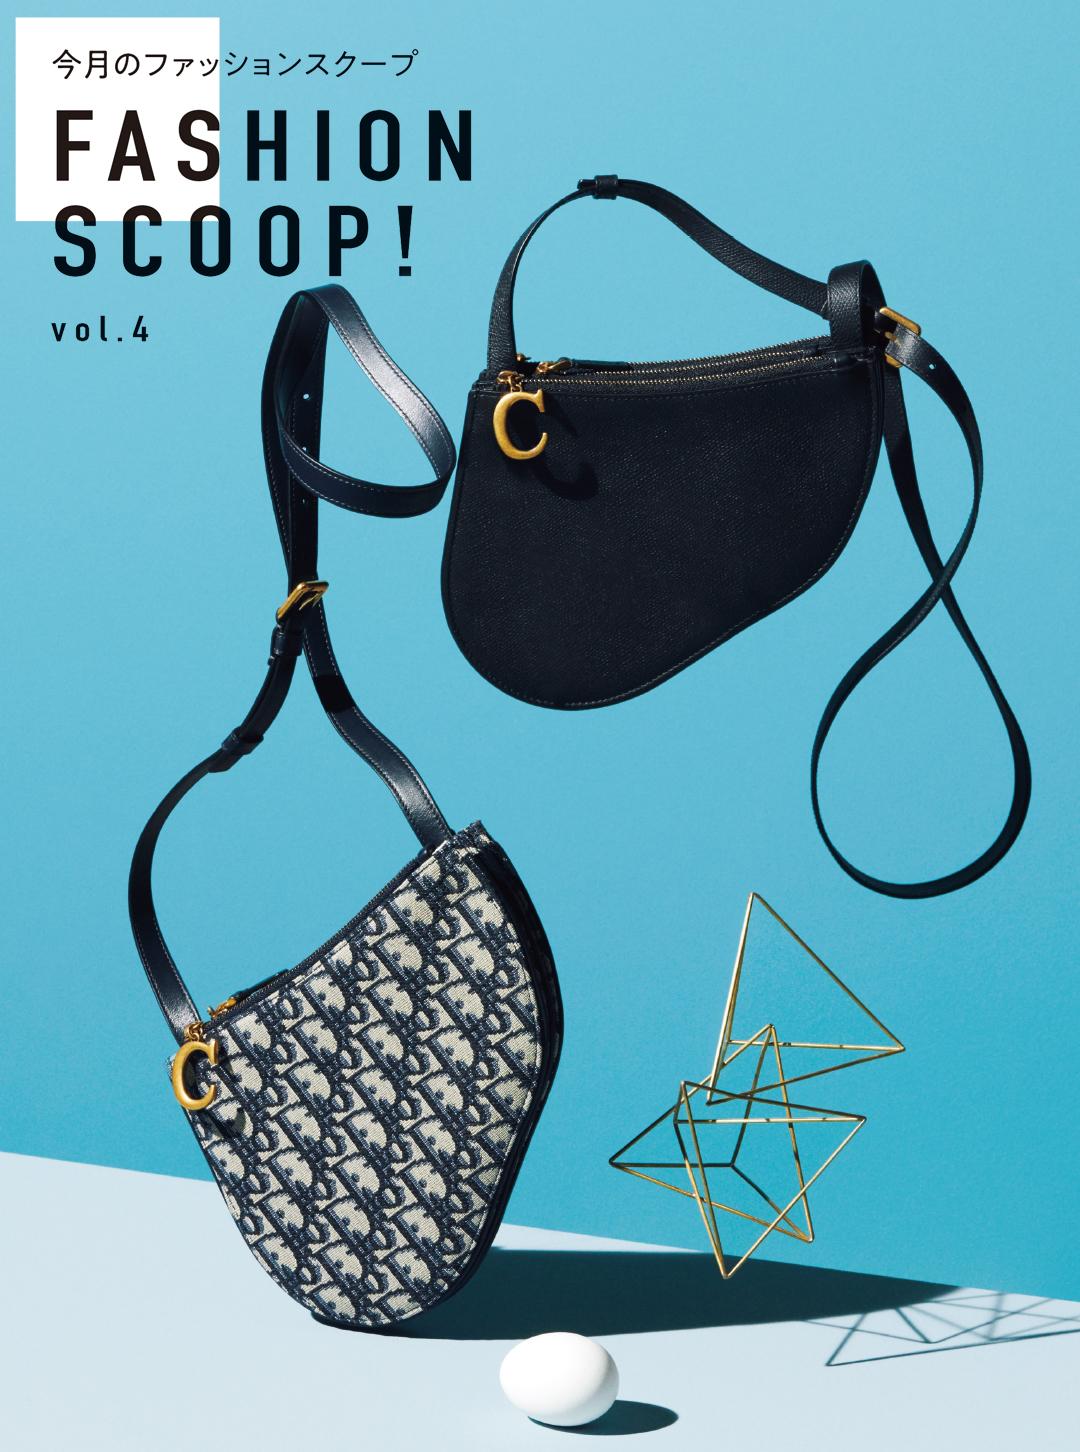 今月のファッションスクープ FASHION SCOOP! vol.4